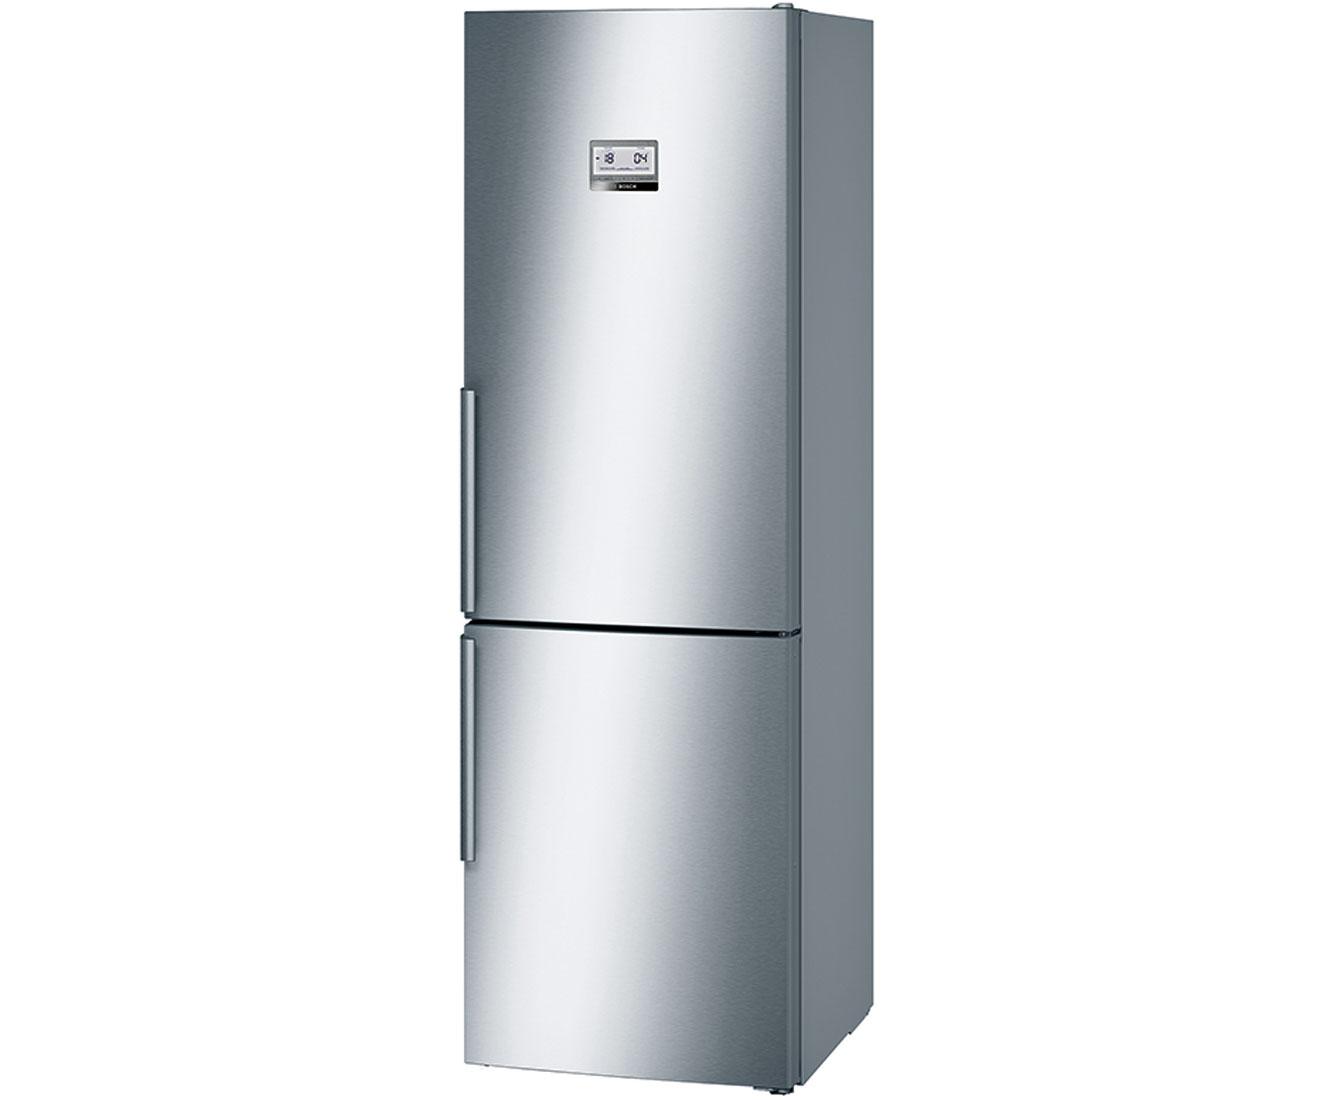 Smeg Kühlschrank Gefrierkombi : Kühl gefrierkombination no frost preisvergleich u die besten